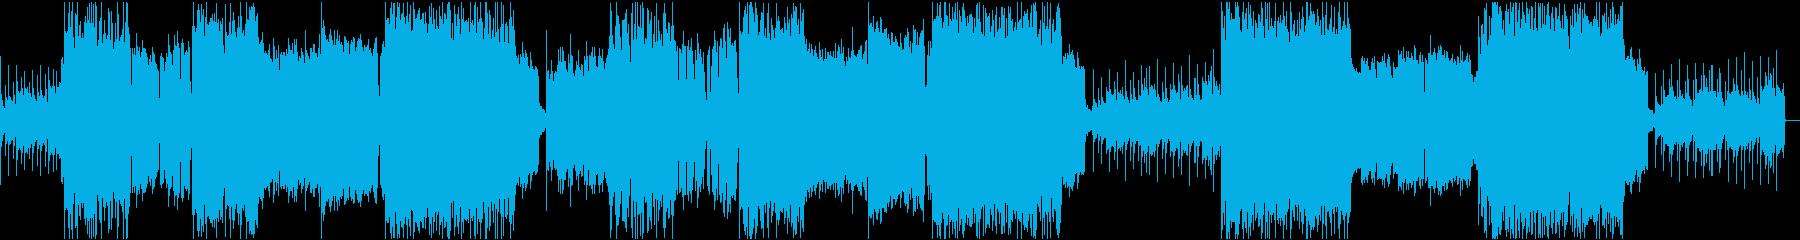 怪しい雰囲気の曲メロ入りの再生済みの波形